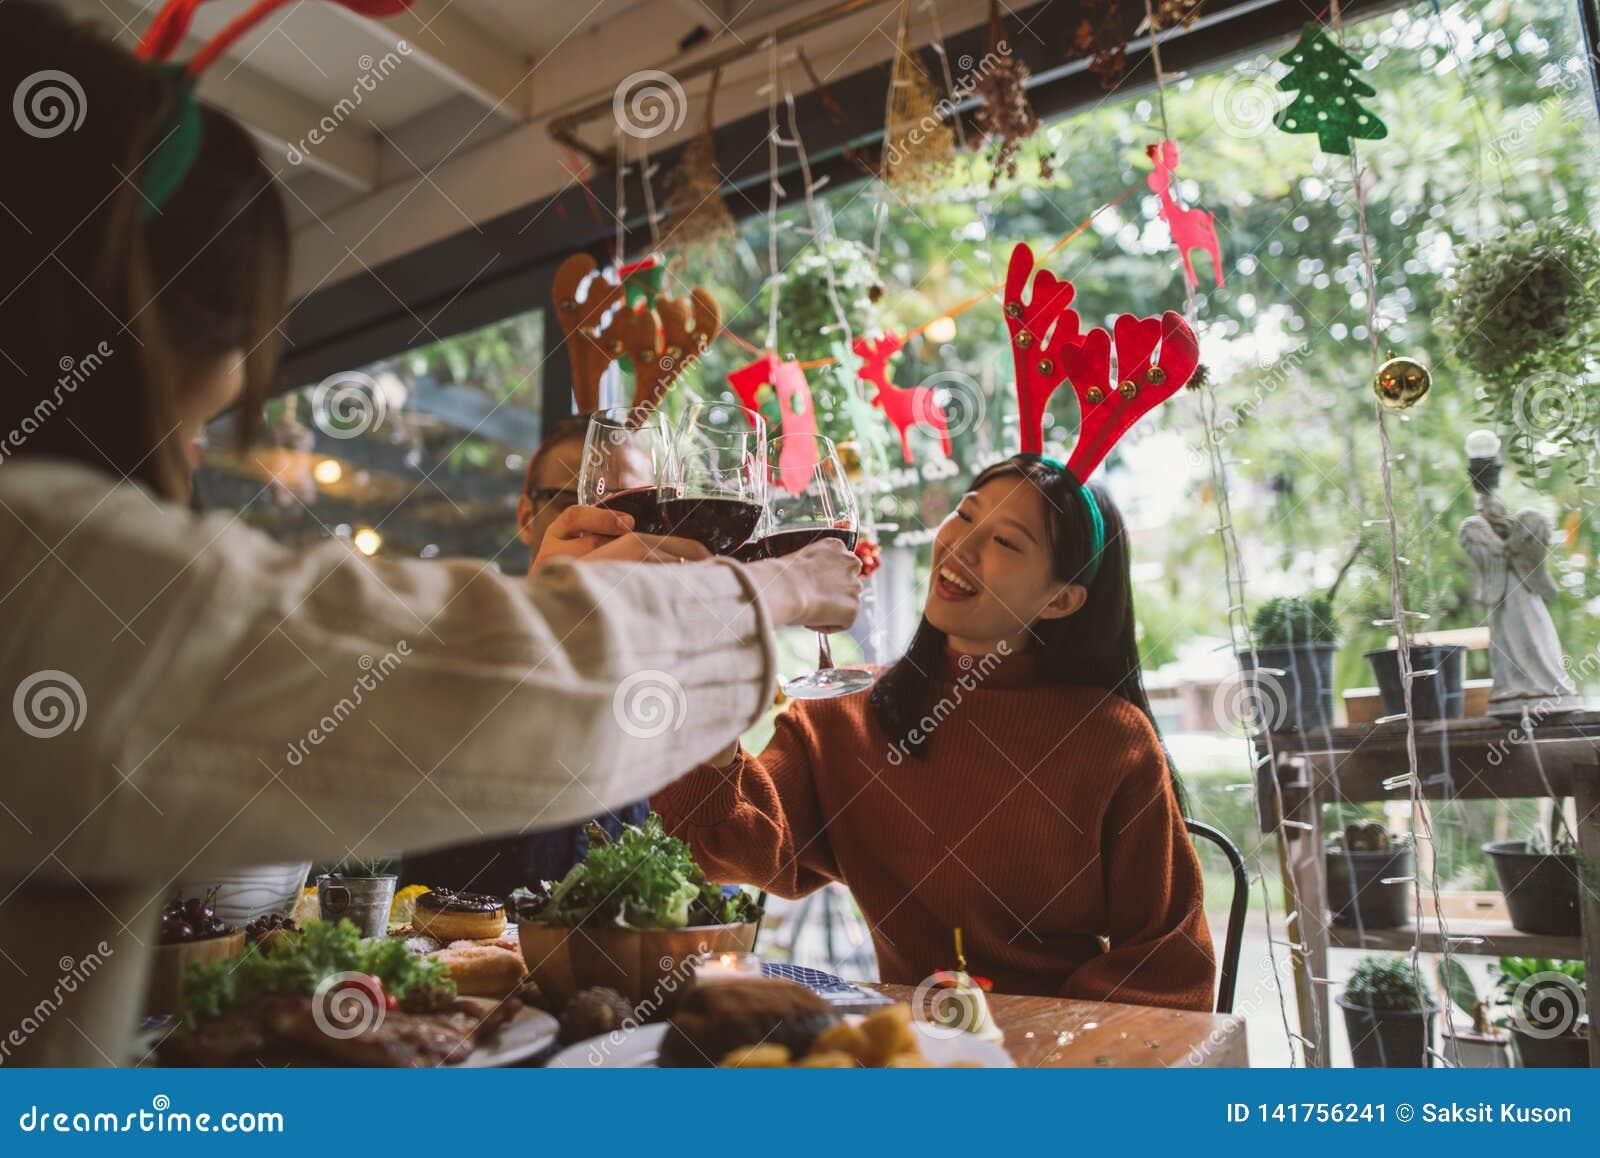 Abendessen mit Freunden Gruppe junge Leute, die zusammen Abendessen genießen